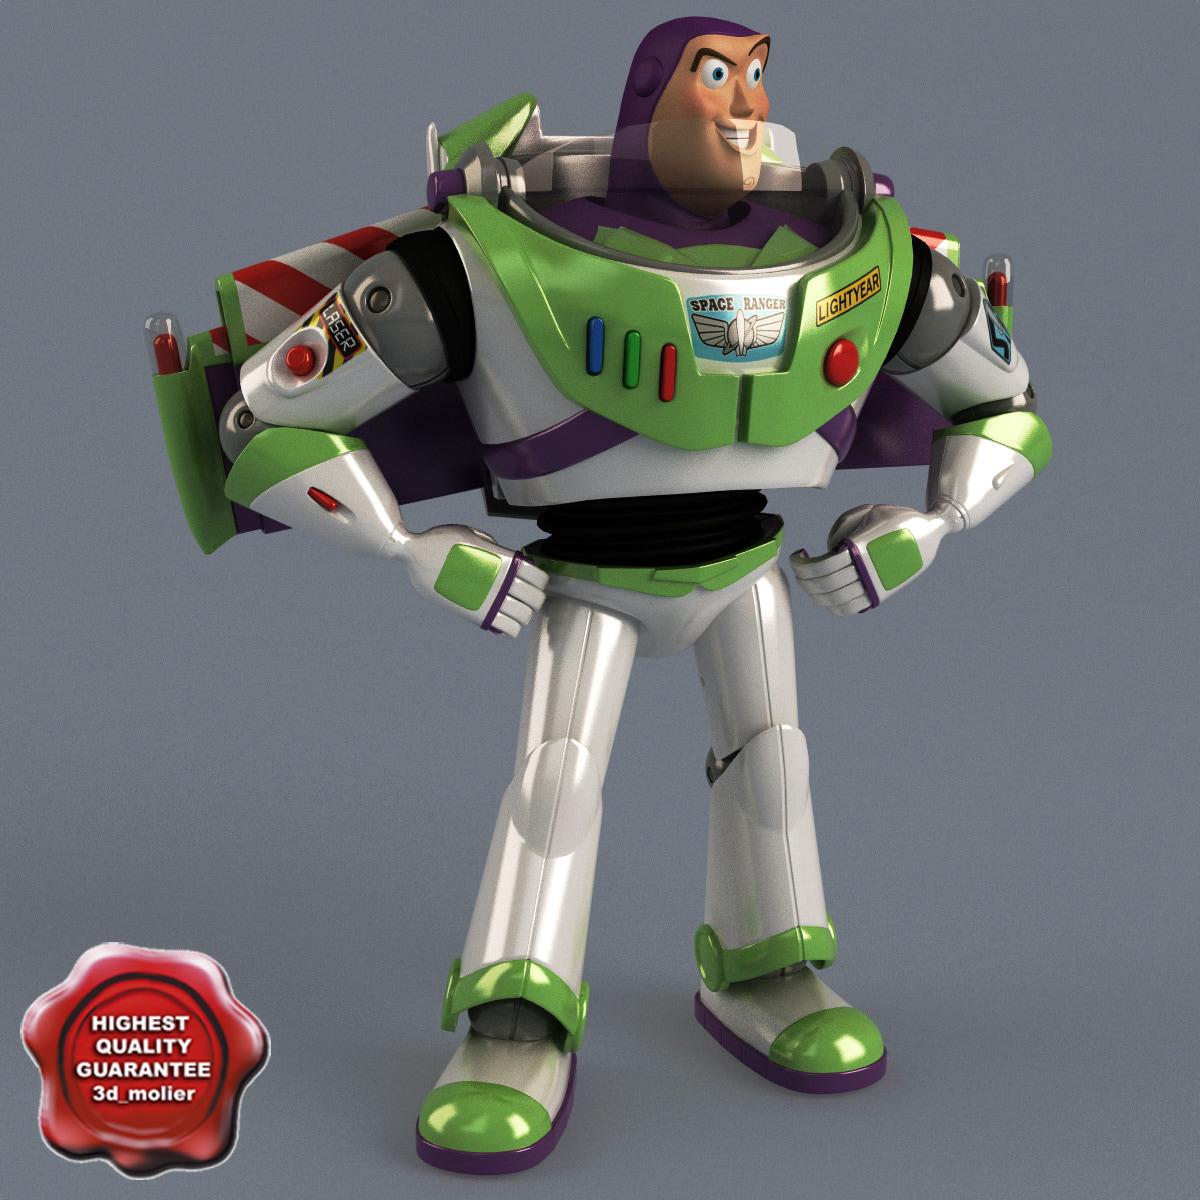 Buzz_Lightyear_Pose1_00.jpg